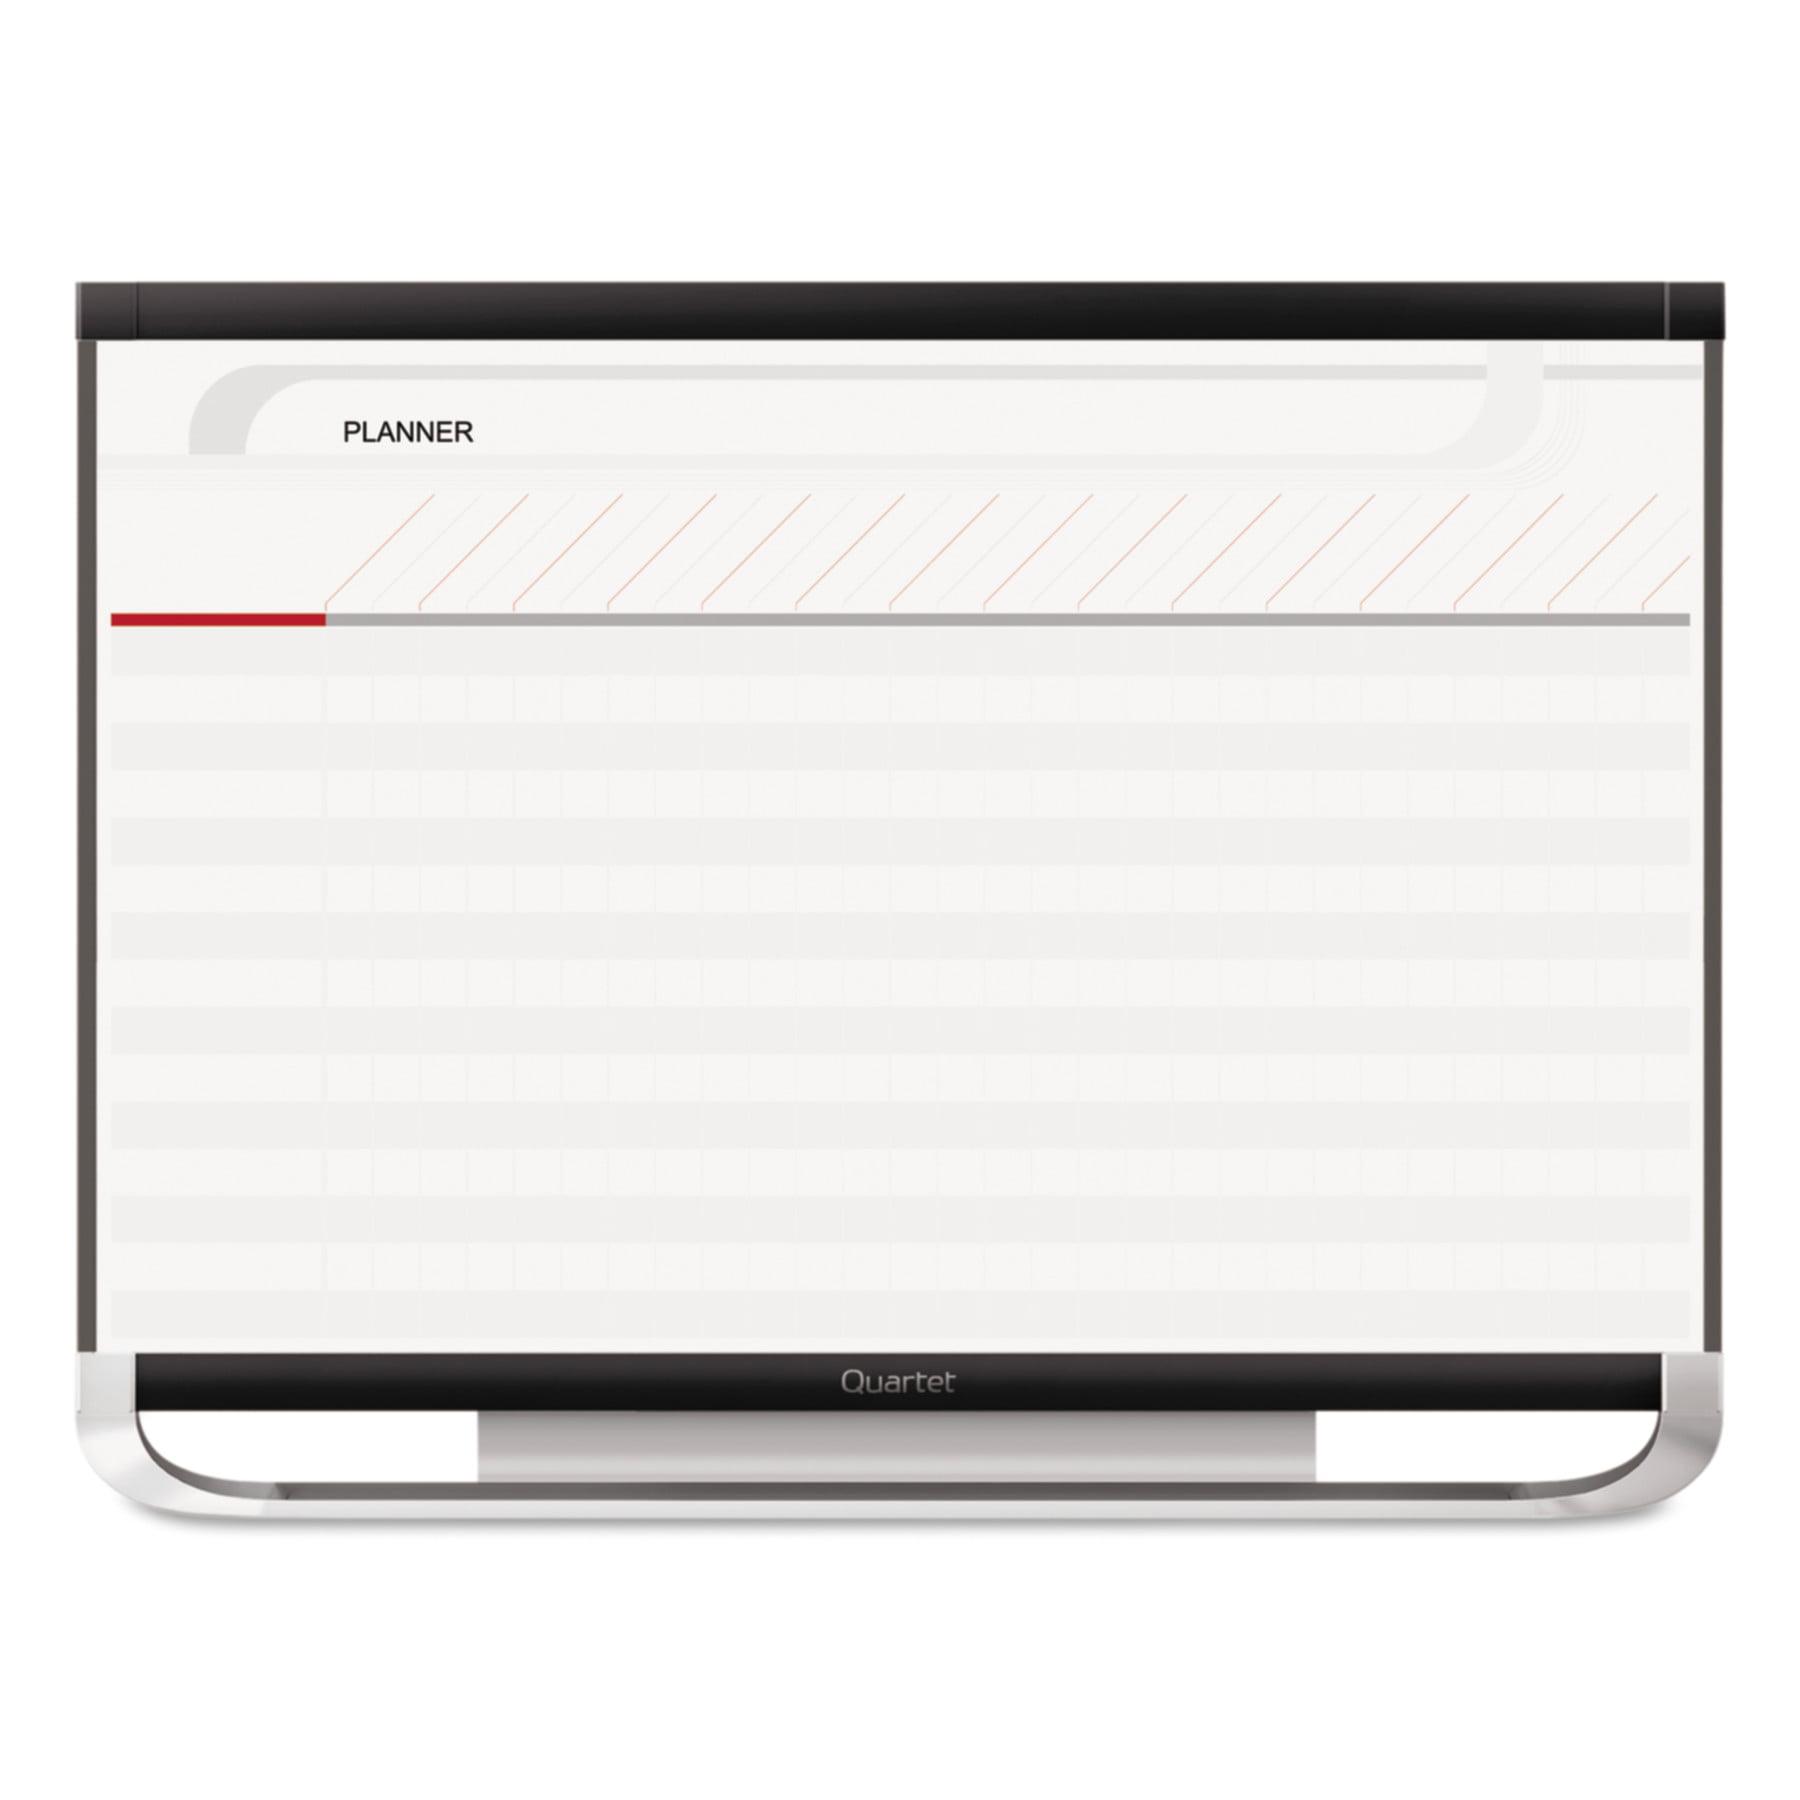 Quartet Prestige 2 Total Erase Project Planning Board, 48 x 36, Graphite Frame by QUARTET MFG.